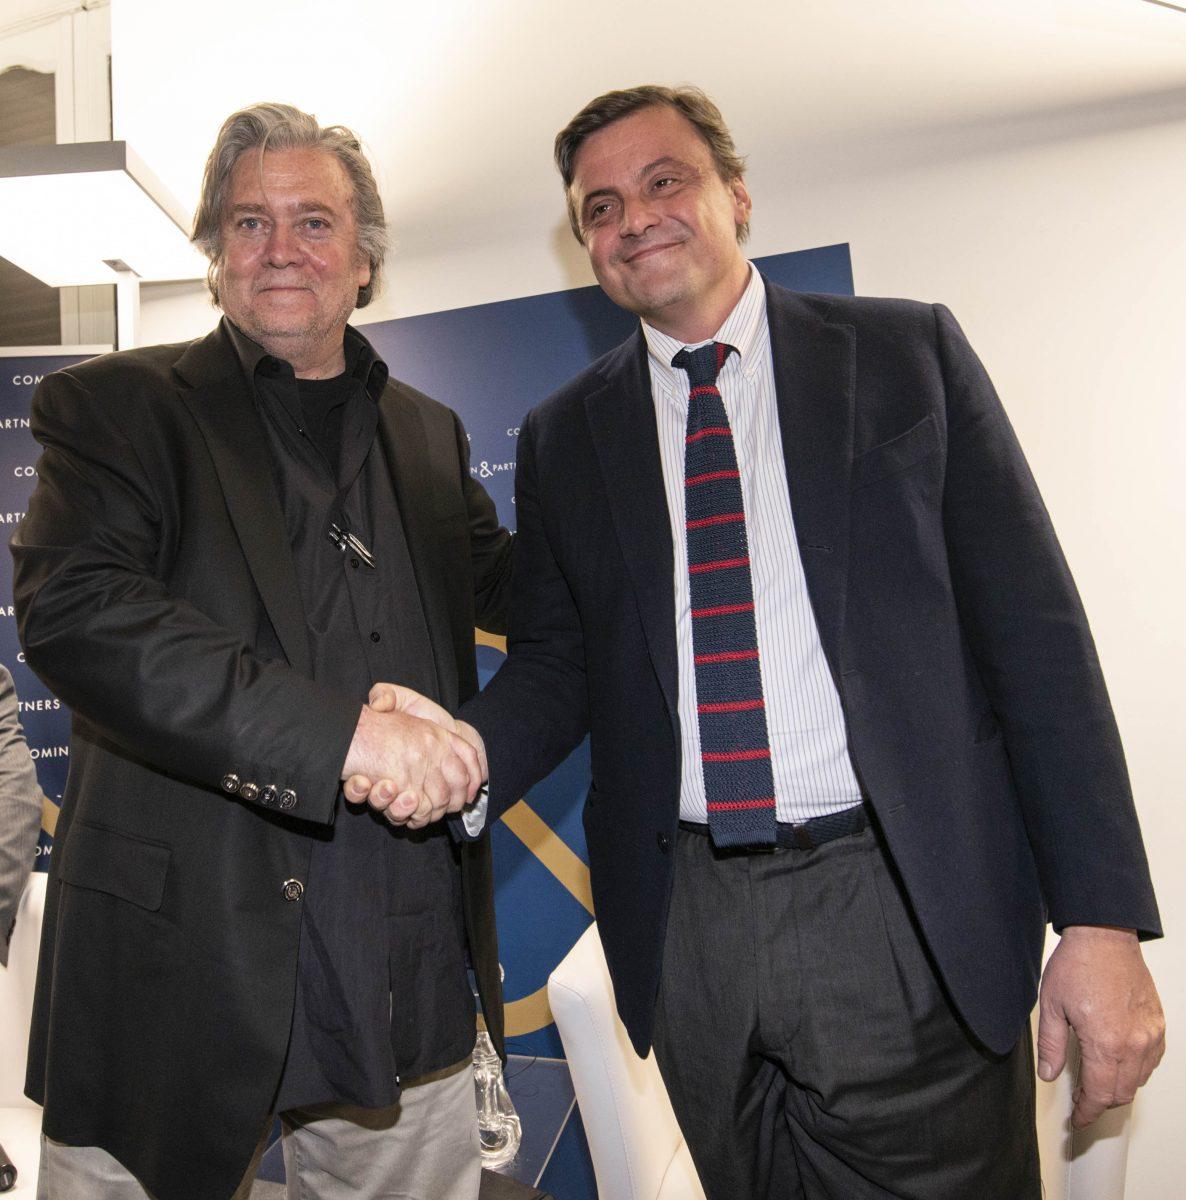 STEVE BANNON POLITICO CARLO CALENDA POLITICO